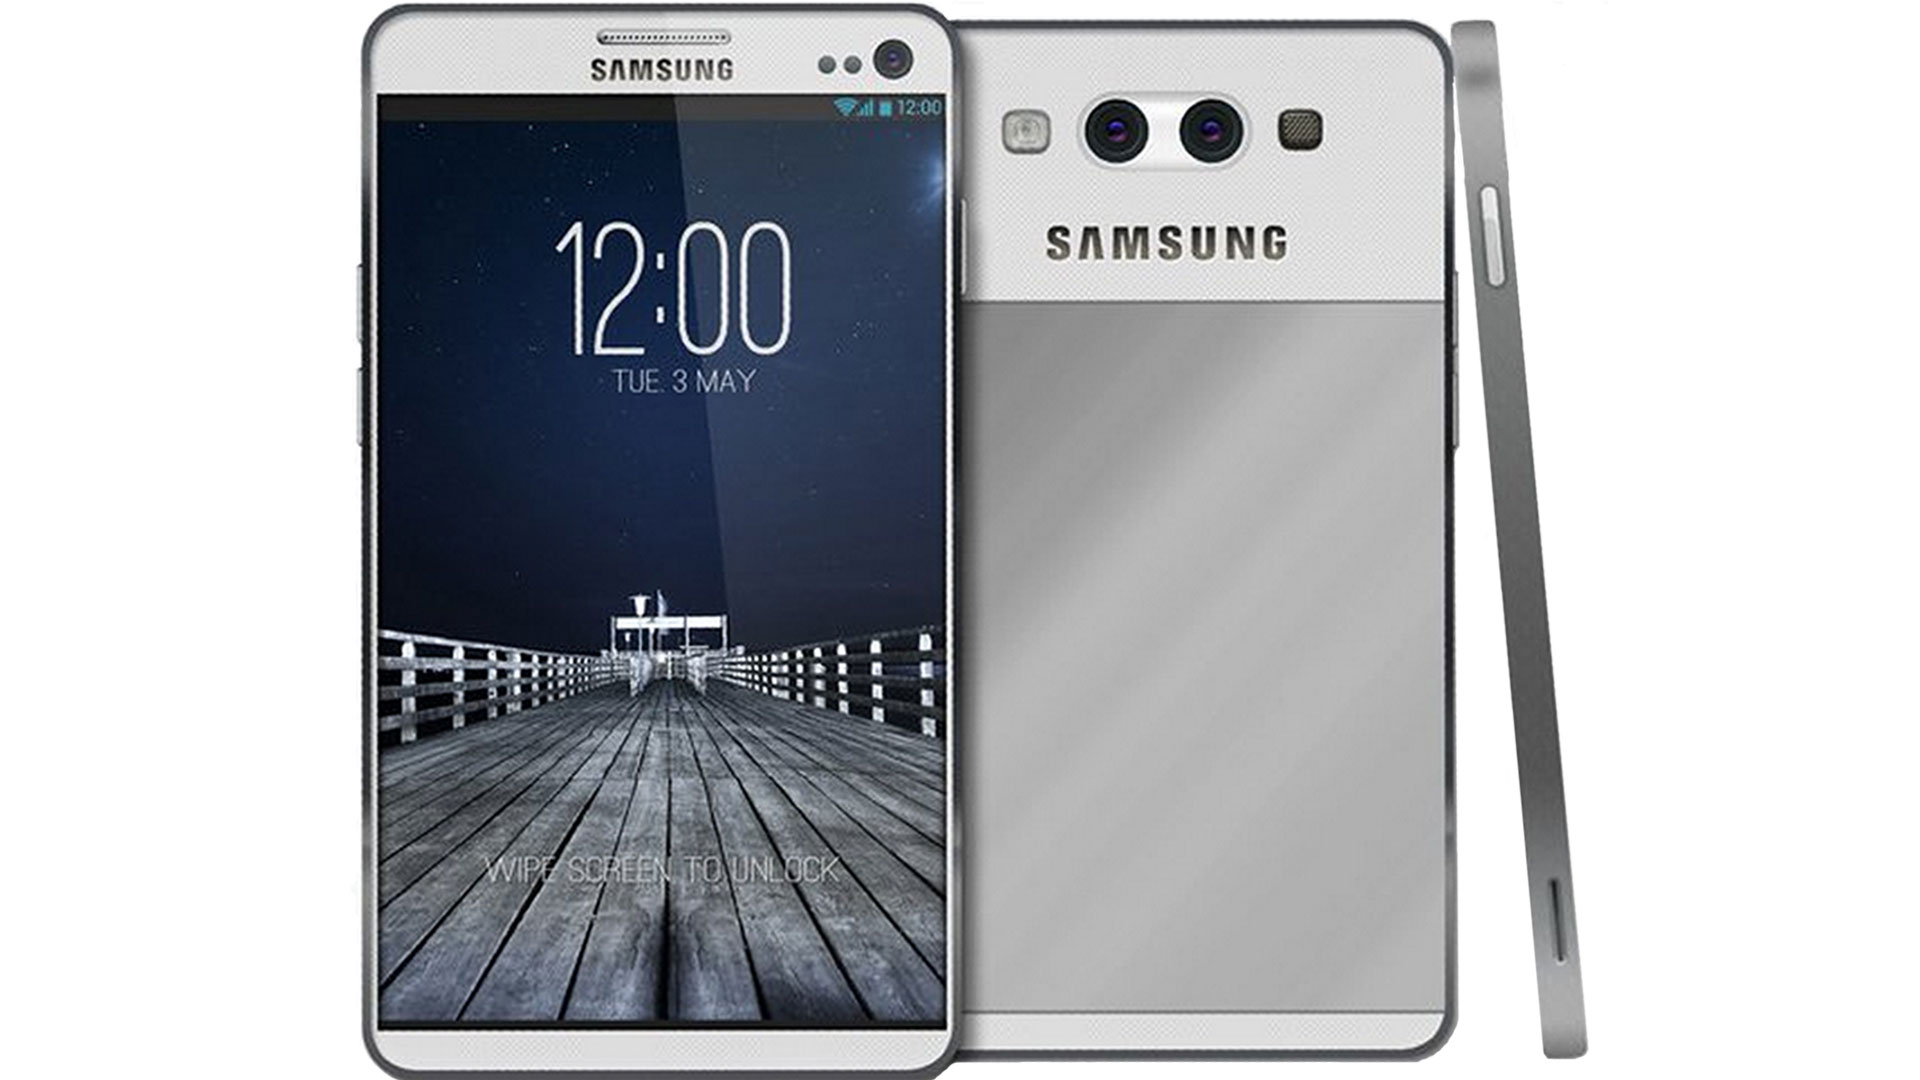 Menyentuh Dunia Dengan Samsung Galaxy S IV_2